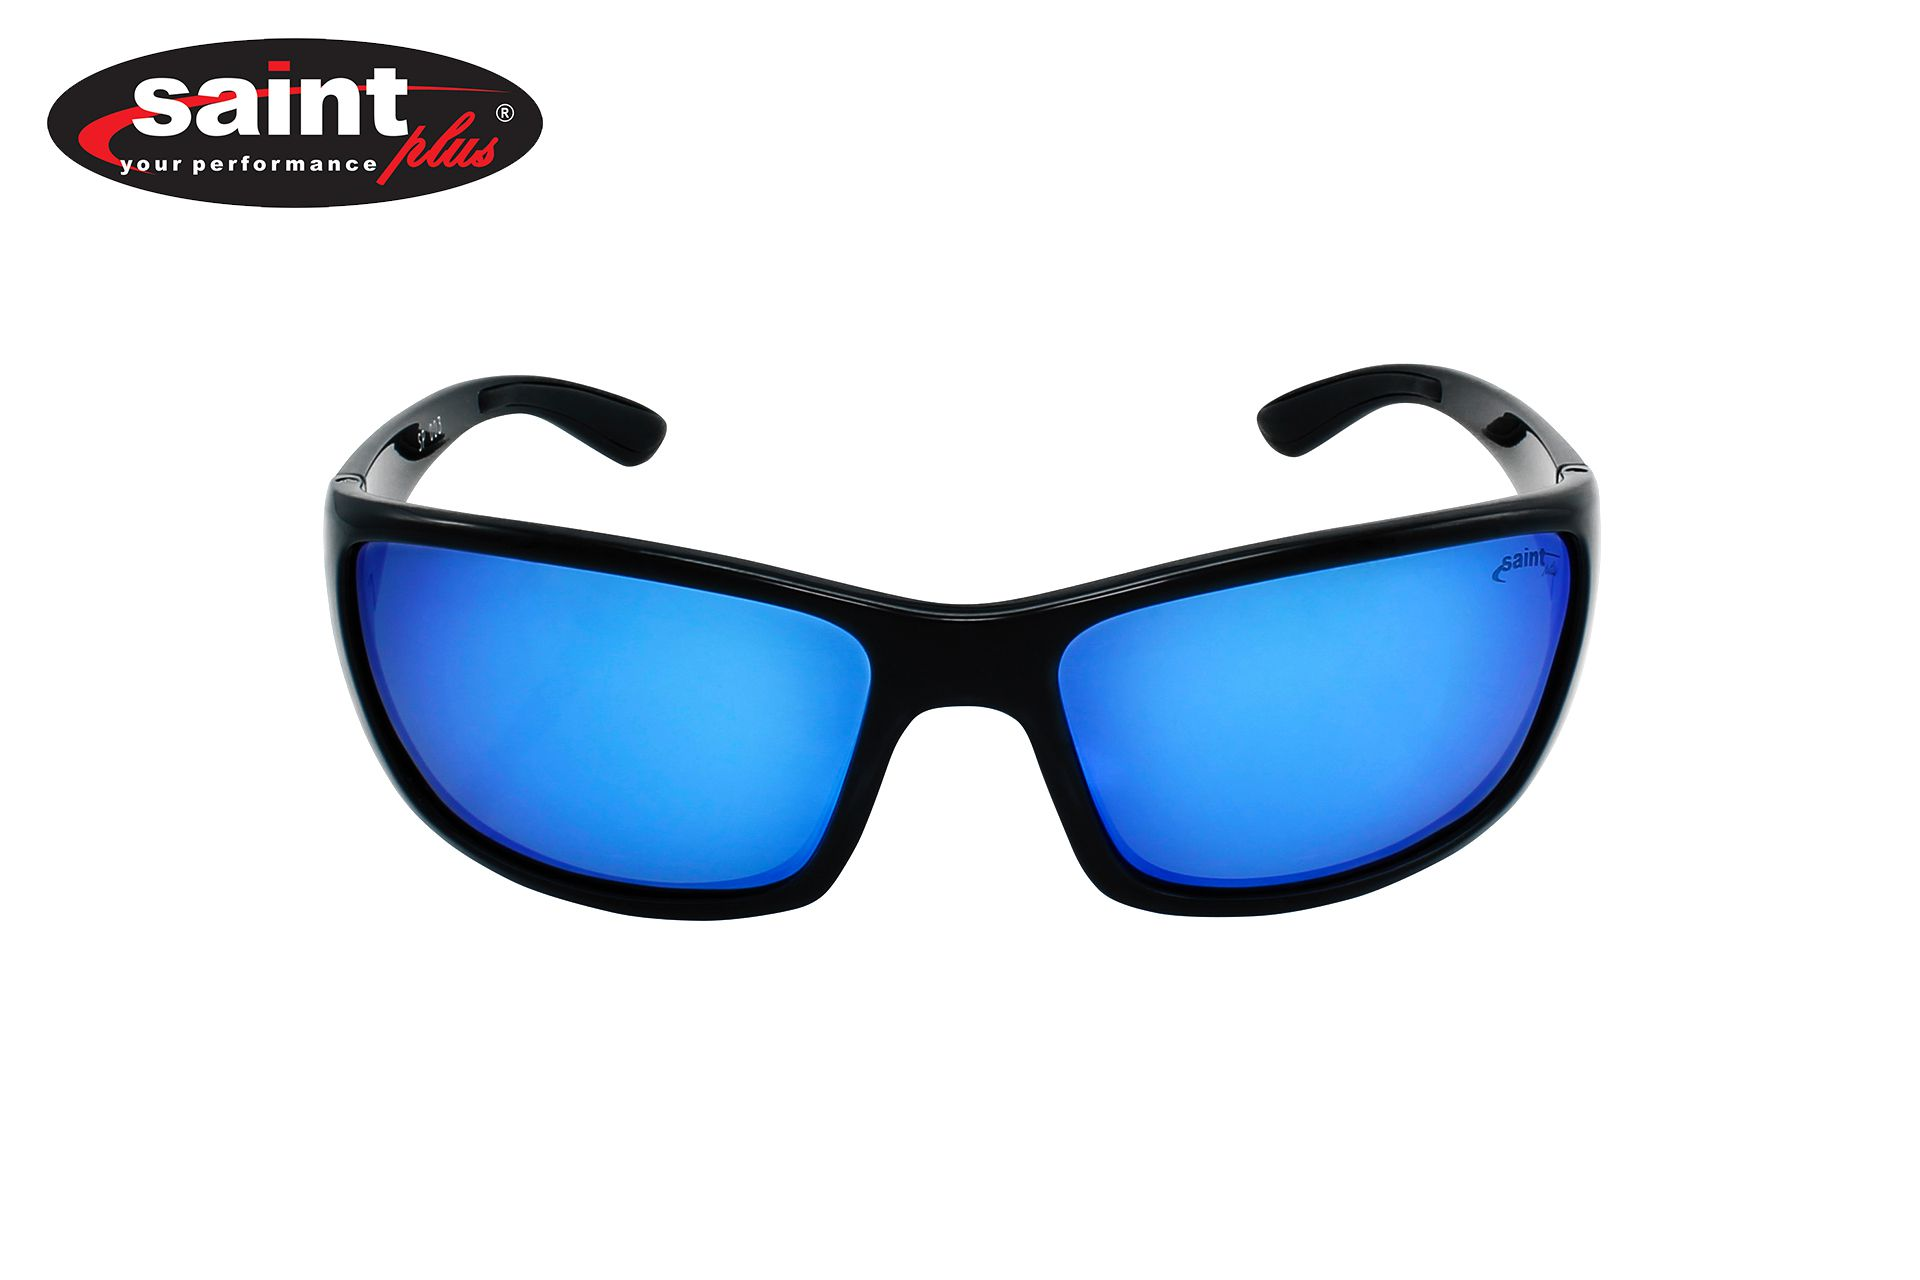 01e0a6e9a Óculos Polarizado Saint 100% Proteção Uv - Cannon